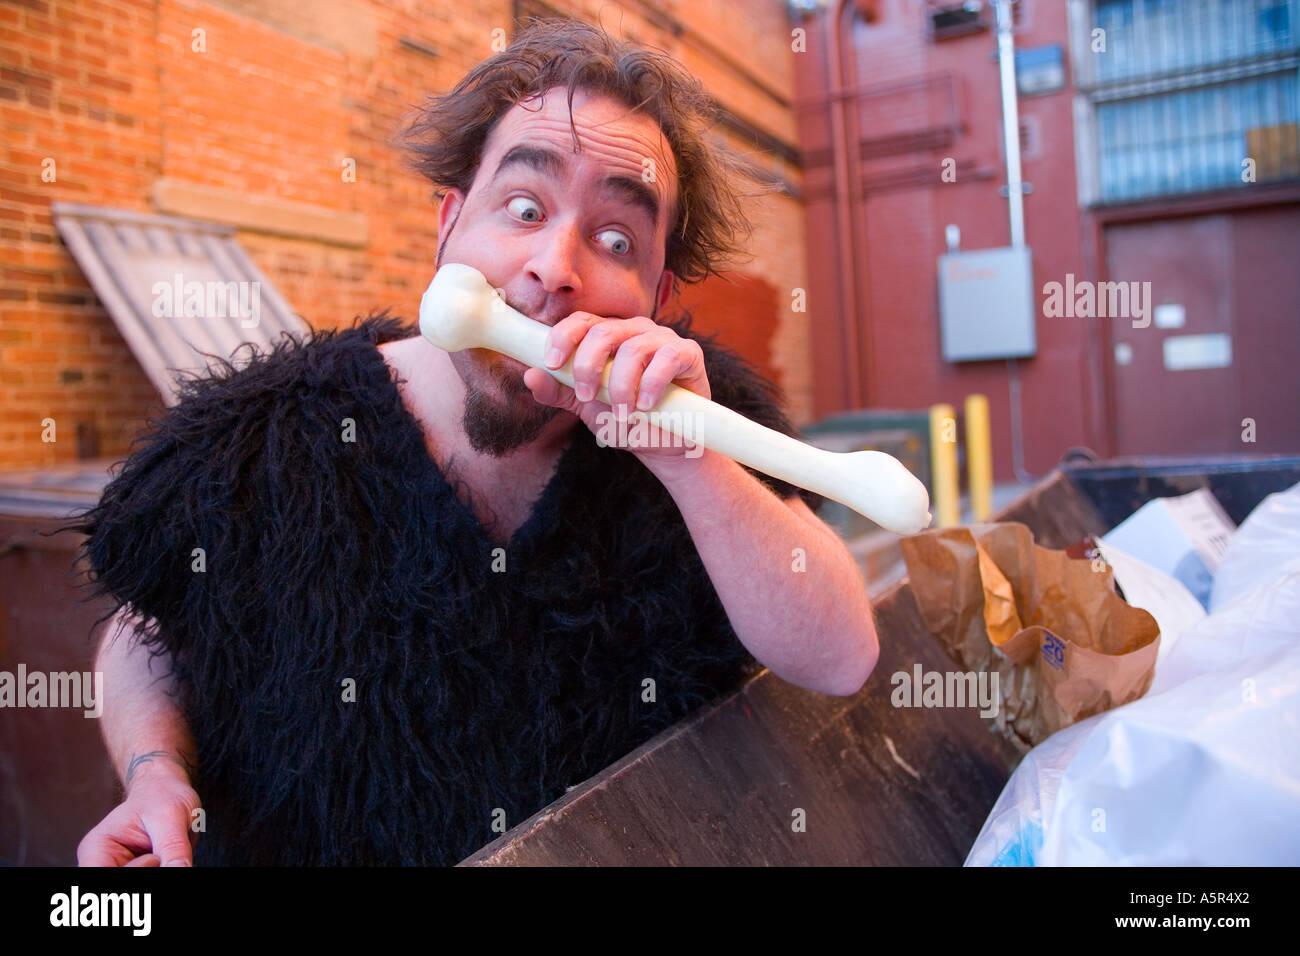 man dressed as caveman eating bone in alleyway - Stock Image